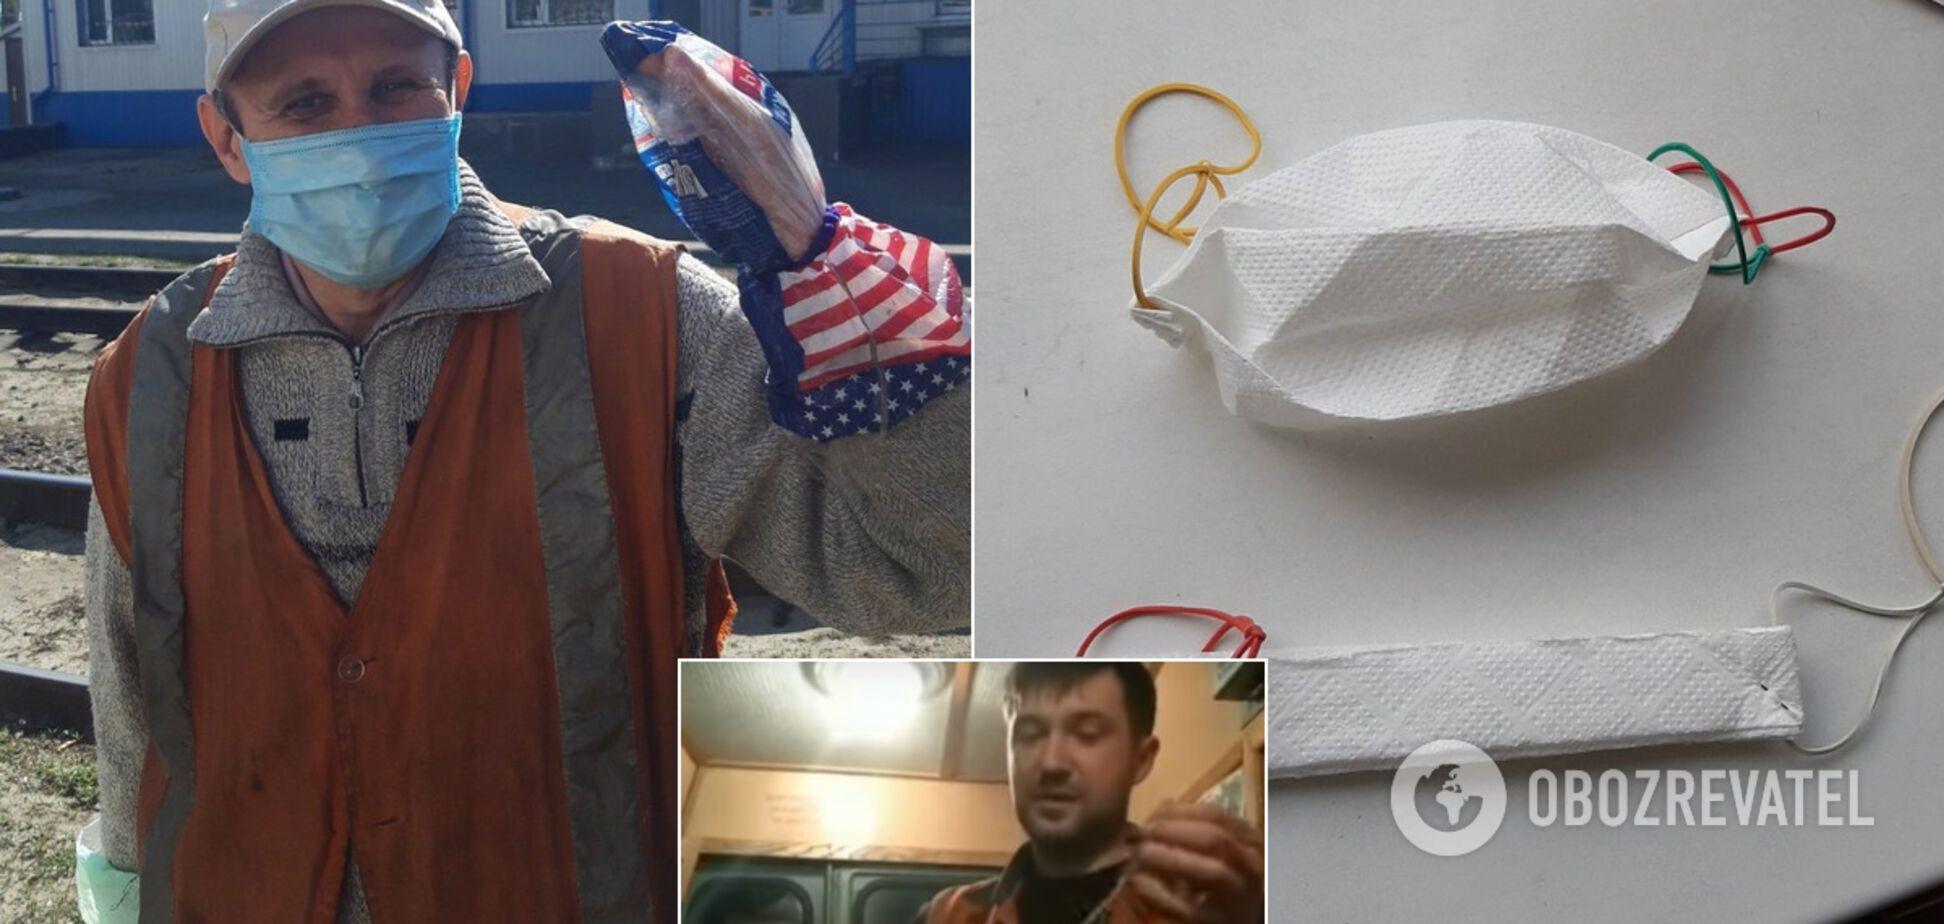 Маски із гардин, замість рукавичок – упаковка від батона: як 'Укрзалізниця' нехтує людьми у пік коронавірусу